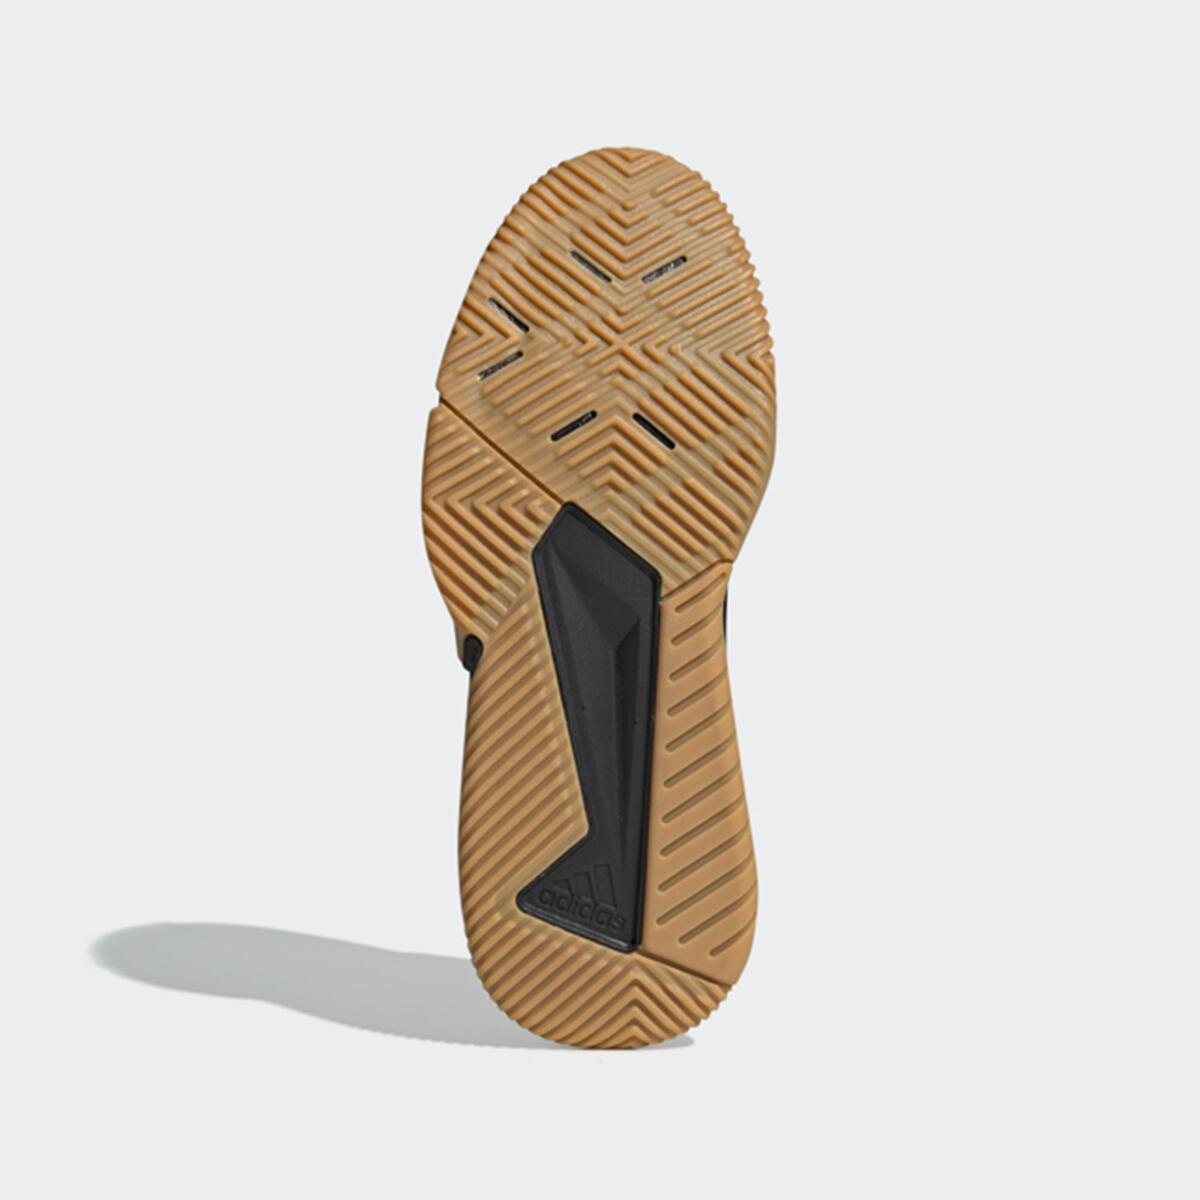 Bild 3 von Handballschuhe Essence Erwachsene schwarz/orange